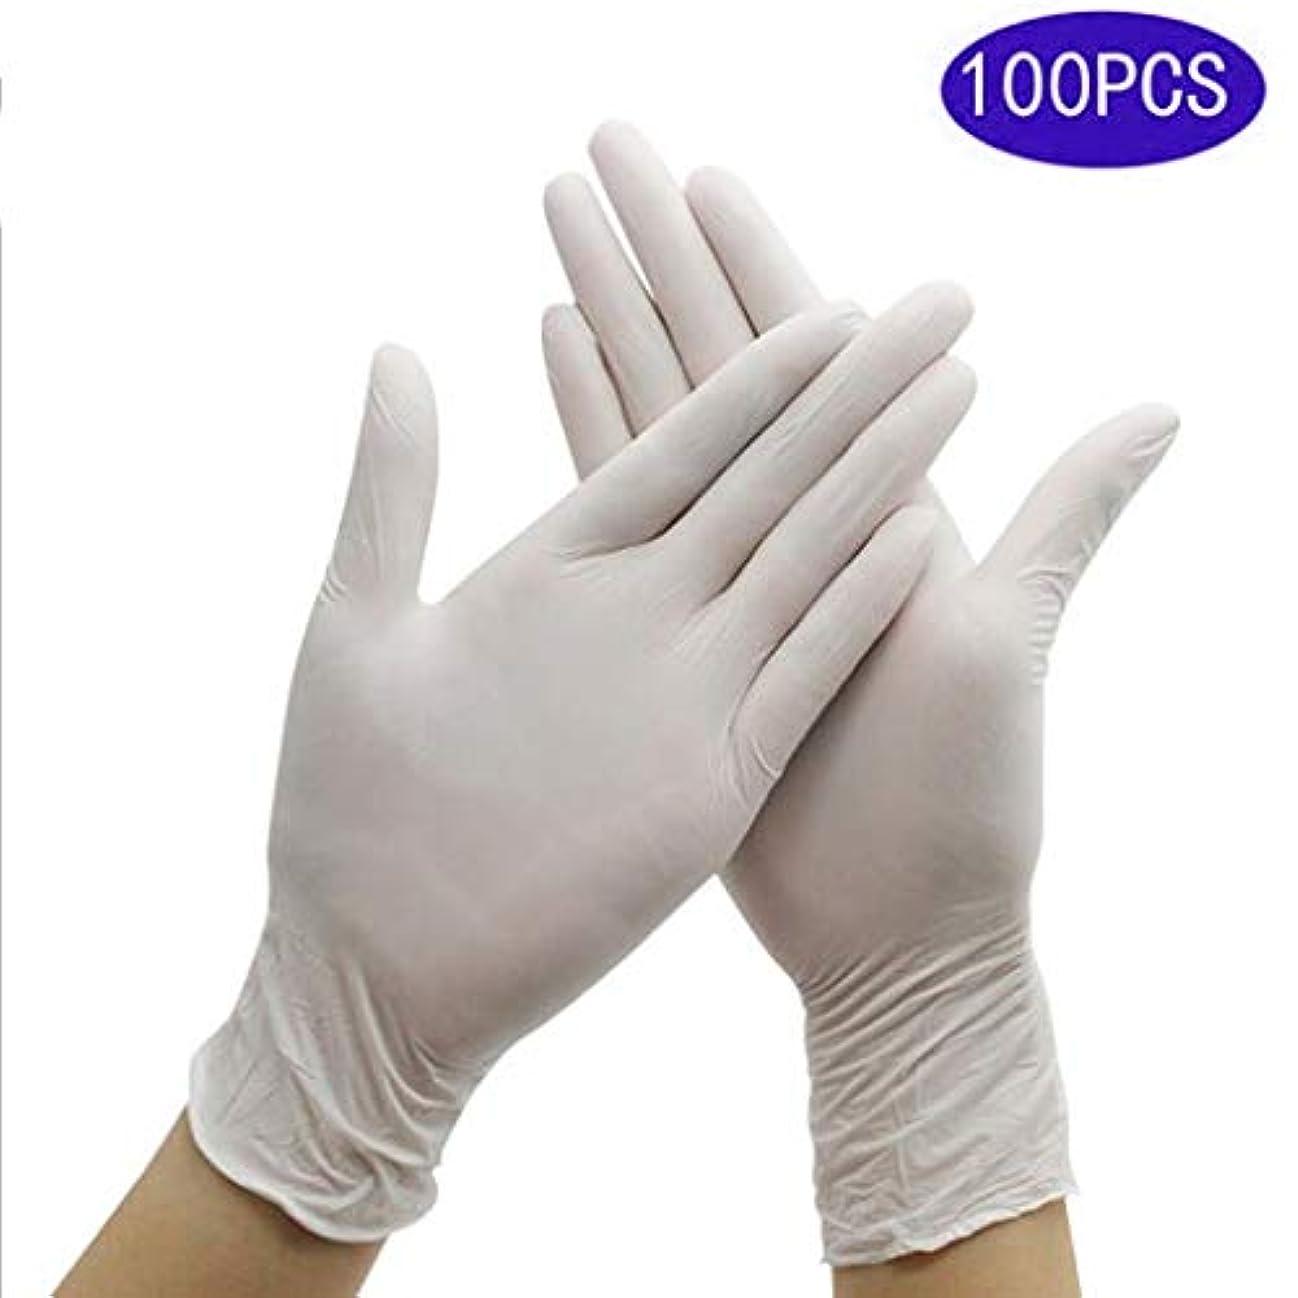 シャックル祈る絶対のニトリル手袋使い捨て白ニトリル手袋、ケータリング、家庭の保護、食品グレードのゴム手袋デューティ検査用手袋|病院のための専門の等級 (Color : 9 inch, Size : L)